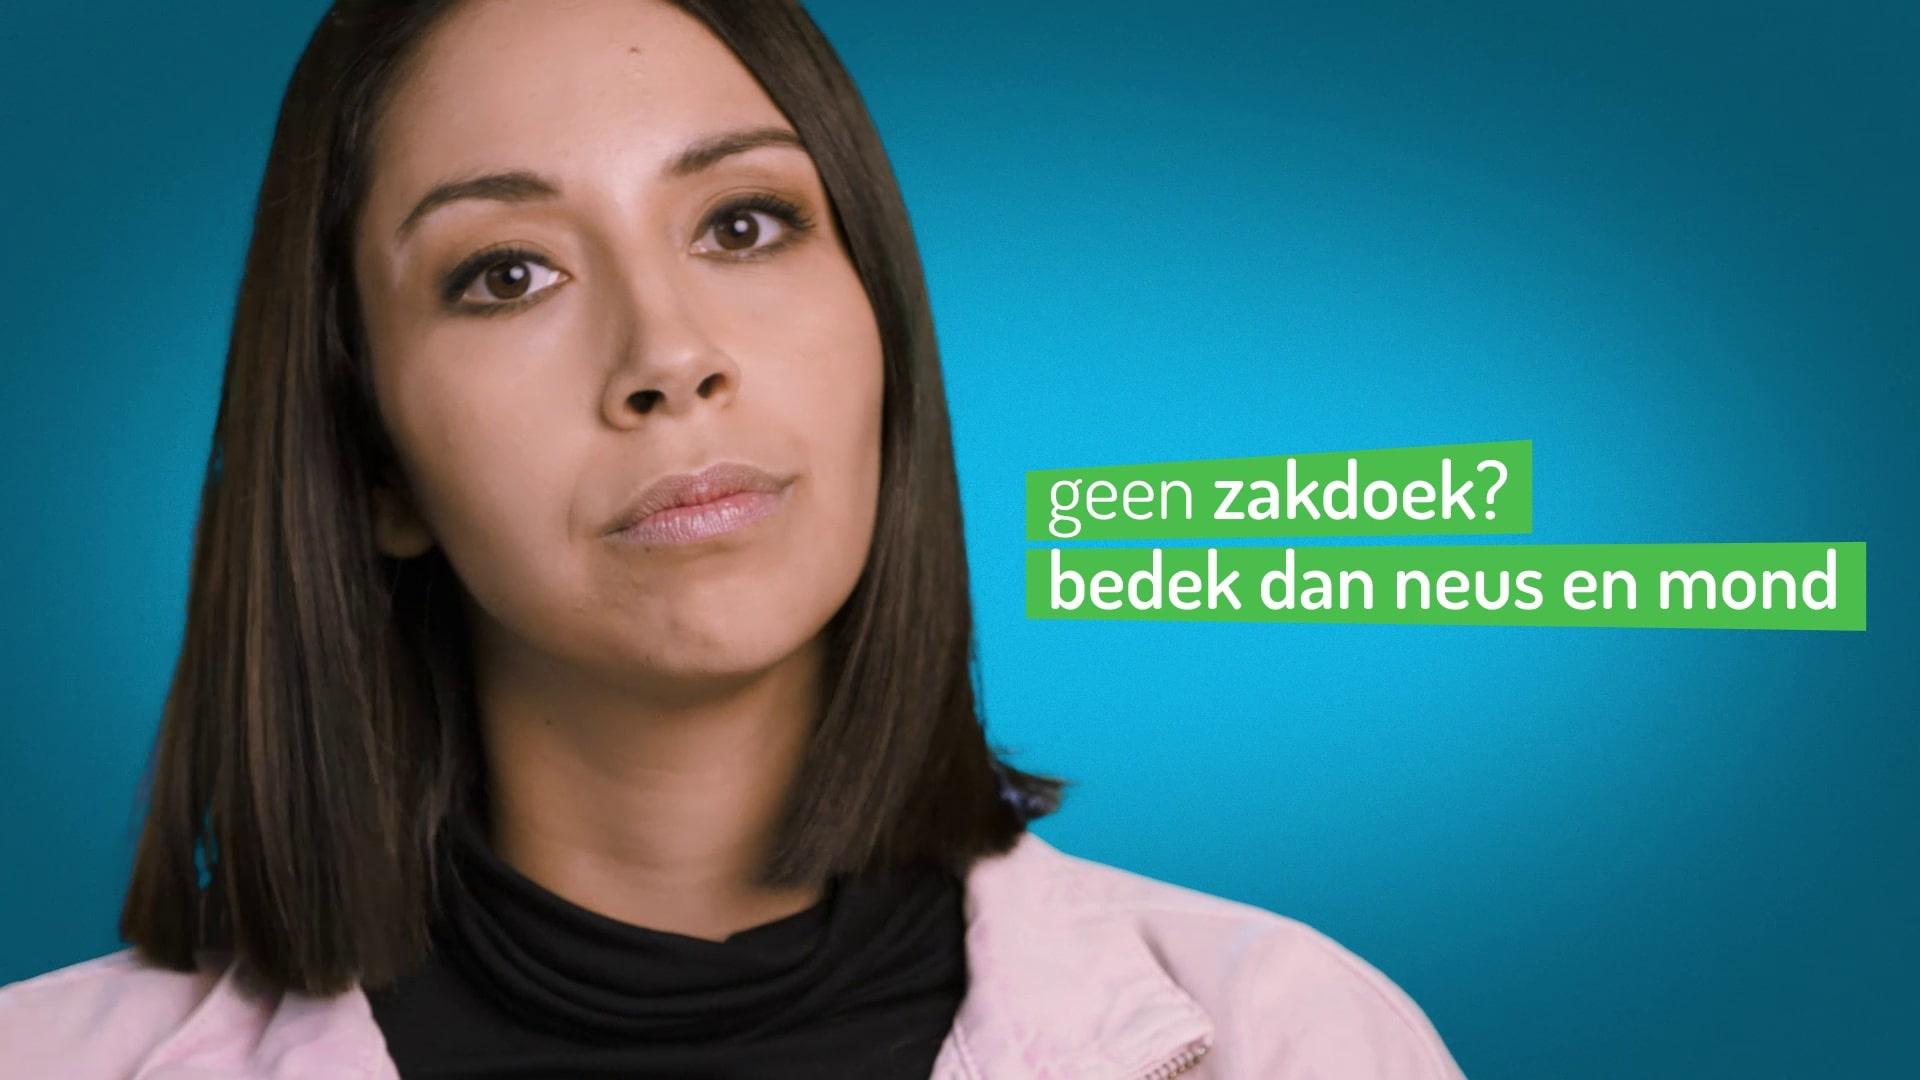 Danira Boukhriss Terkessidis, VRT/DPG Media/SBS